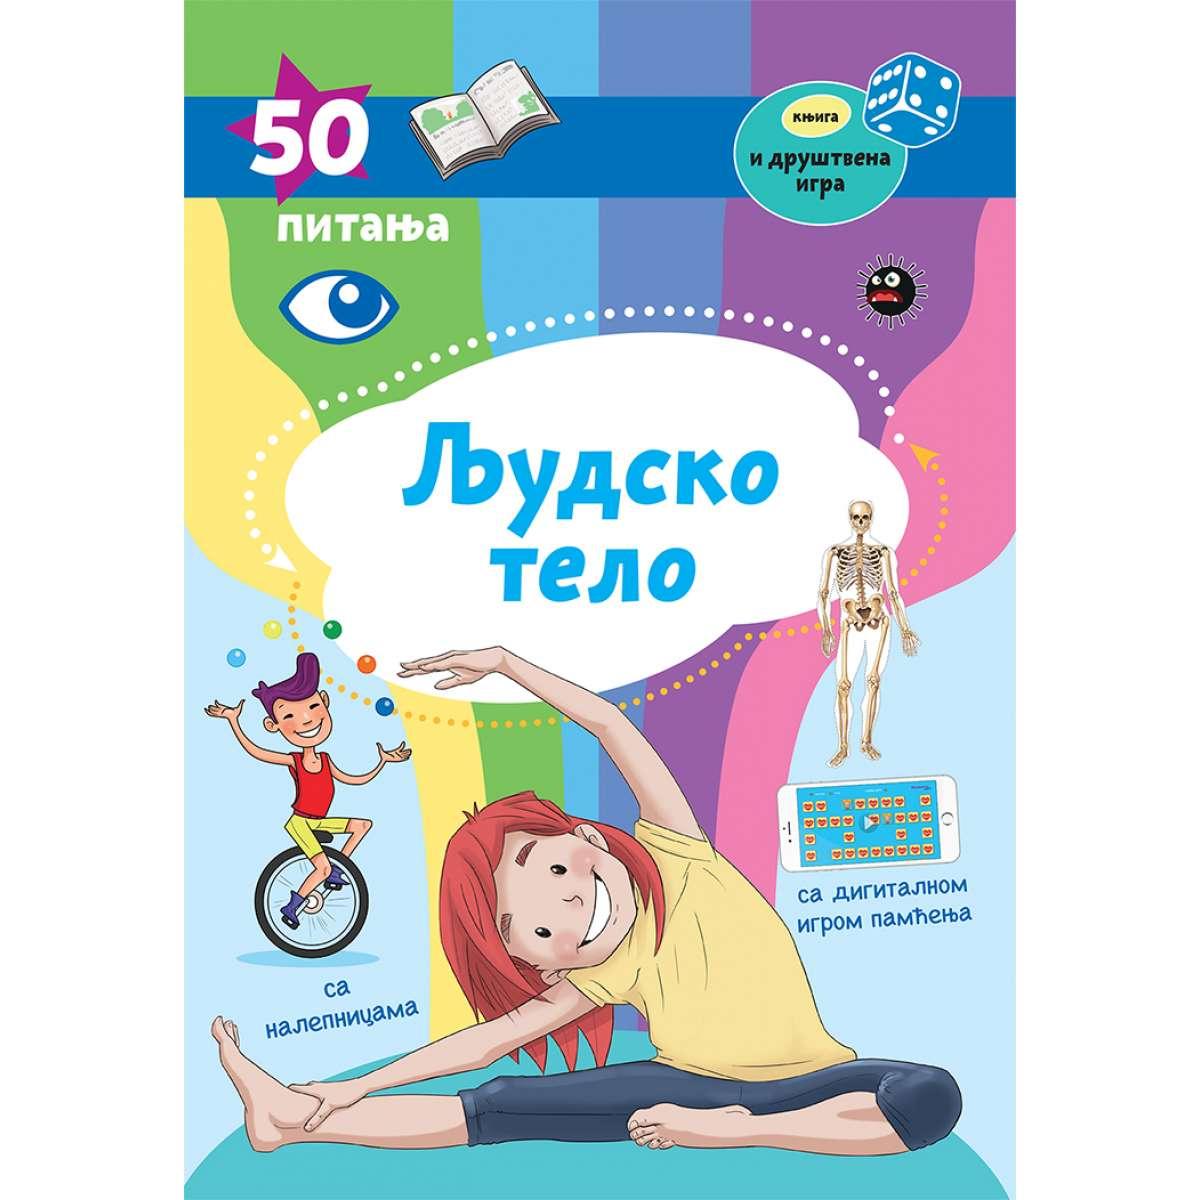 50 pitanja - Ljudsko telo